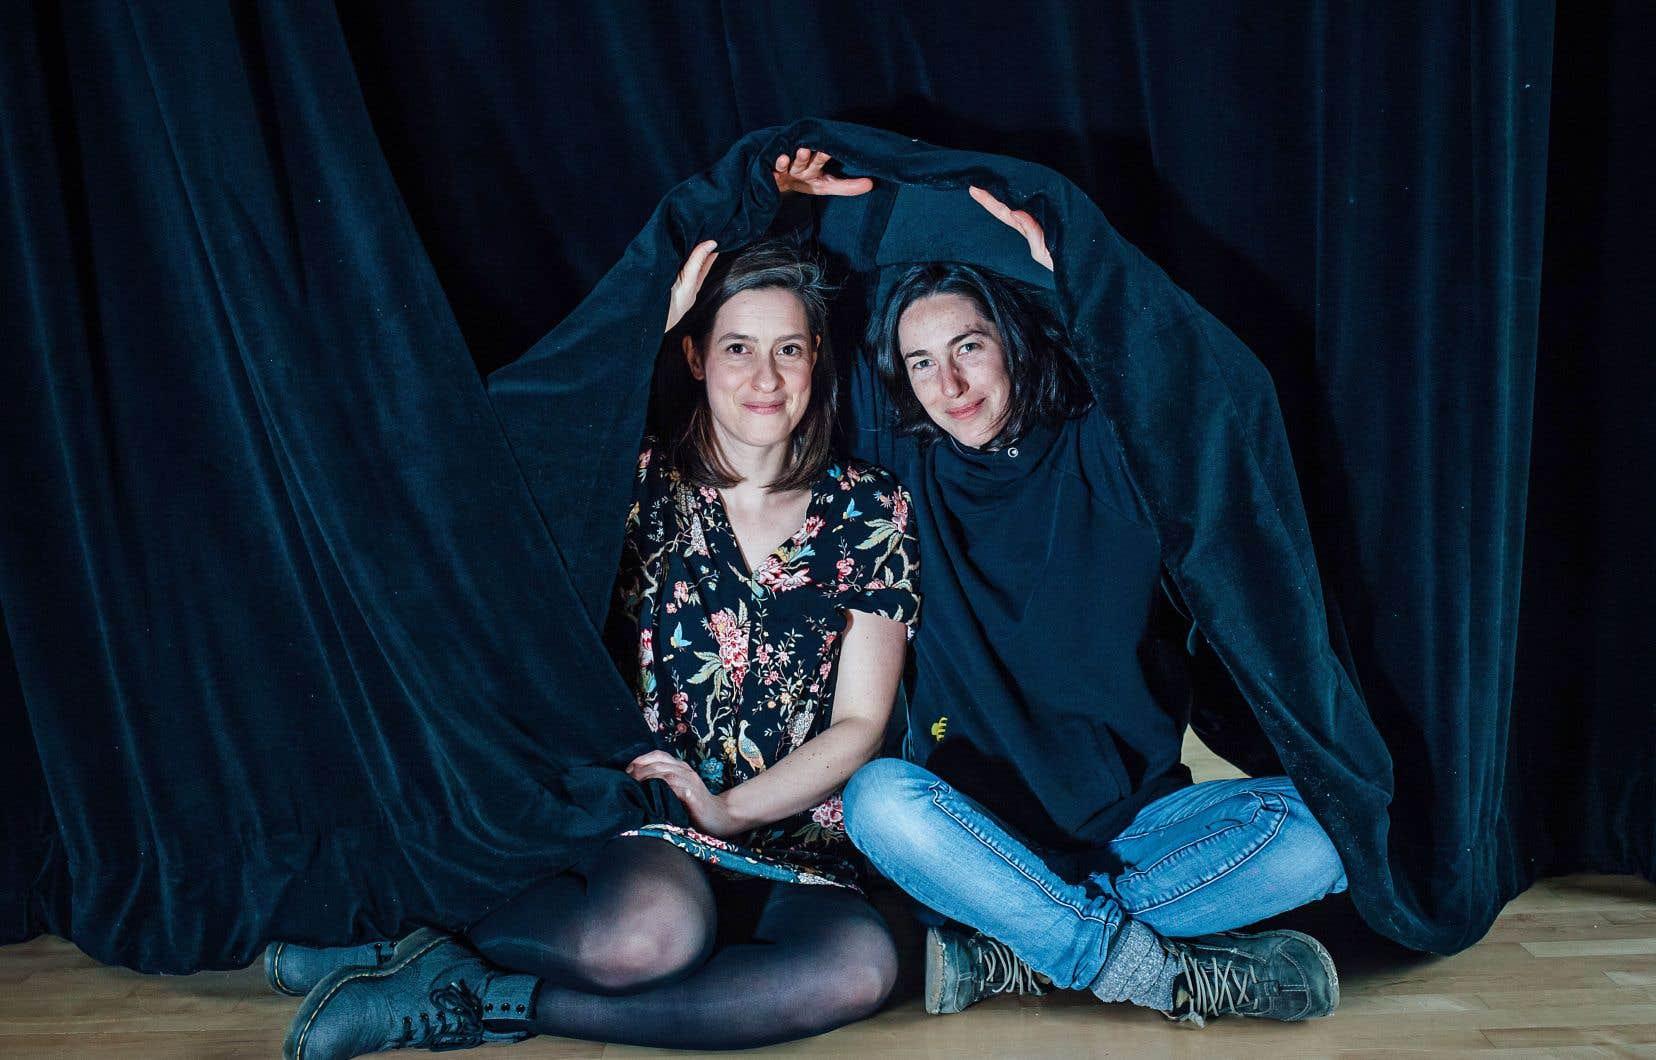 Les dramaturges Liliane Boucher et Sandy Bessette voient dans le théâtre le lieu par excellence pour aborder tous les sujets, mais aussi pour décomplexer notre rapport au monde.